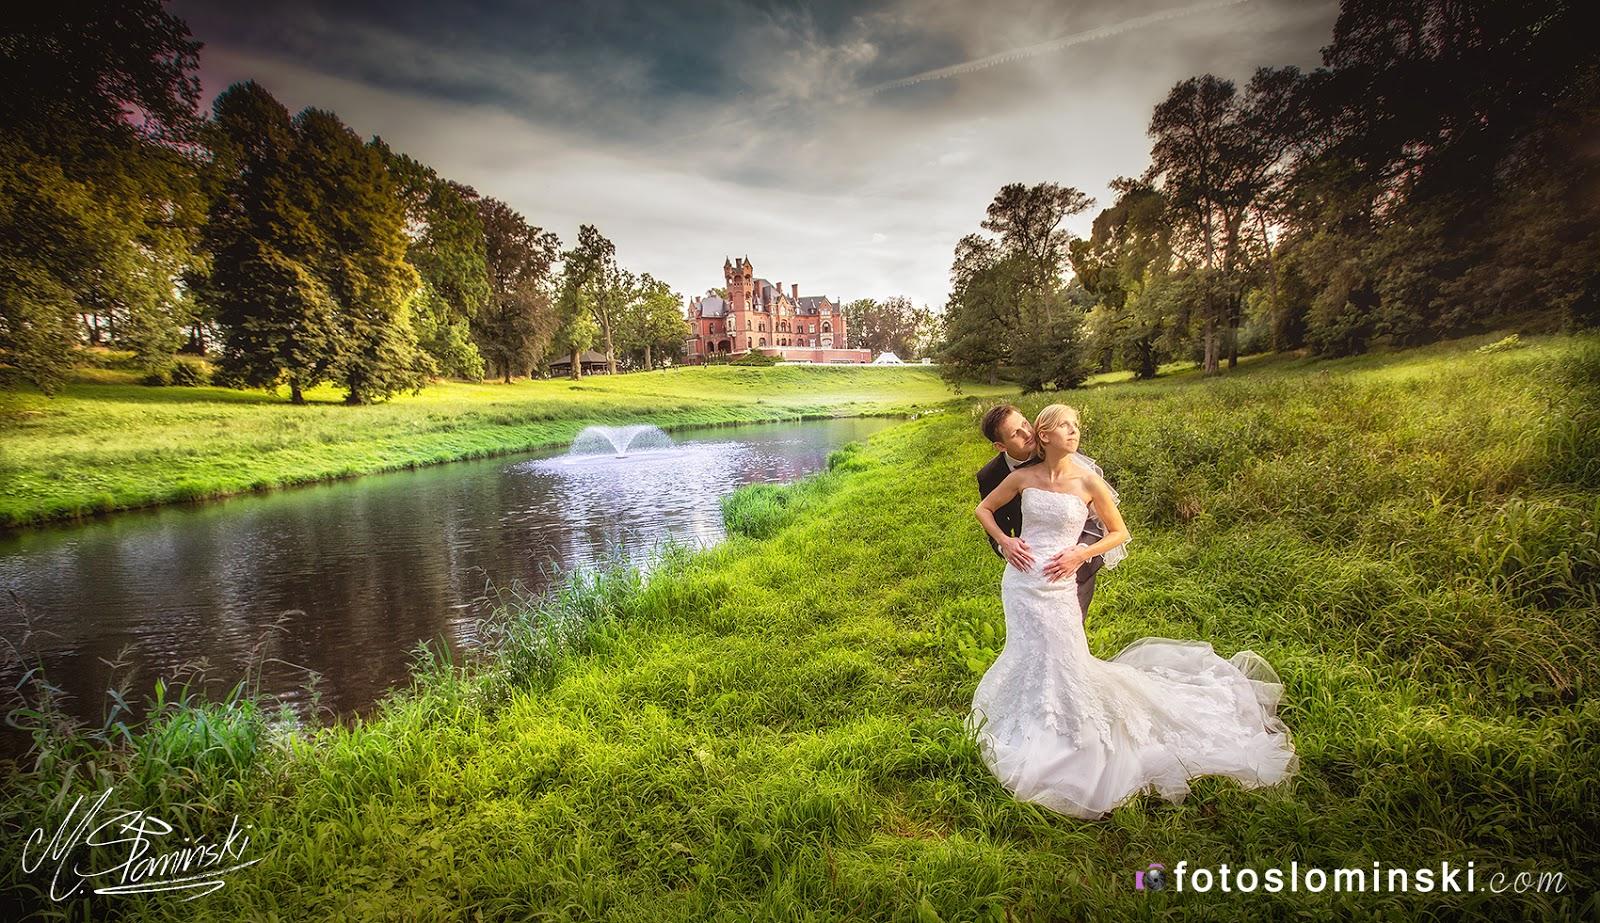 Piękny Pałac Wąsowo koło Poznania - Fotografia ślubna Fotoslominski #ZdjęciaSłomińskiego Wrocław.